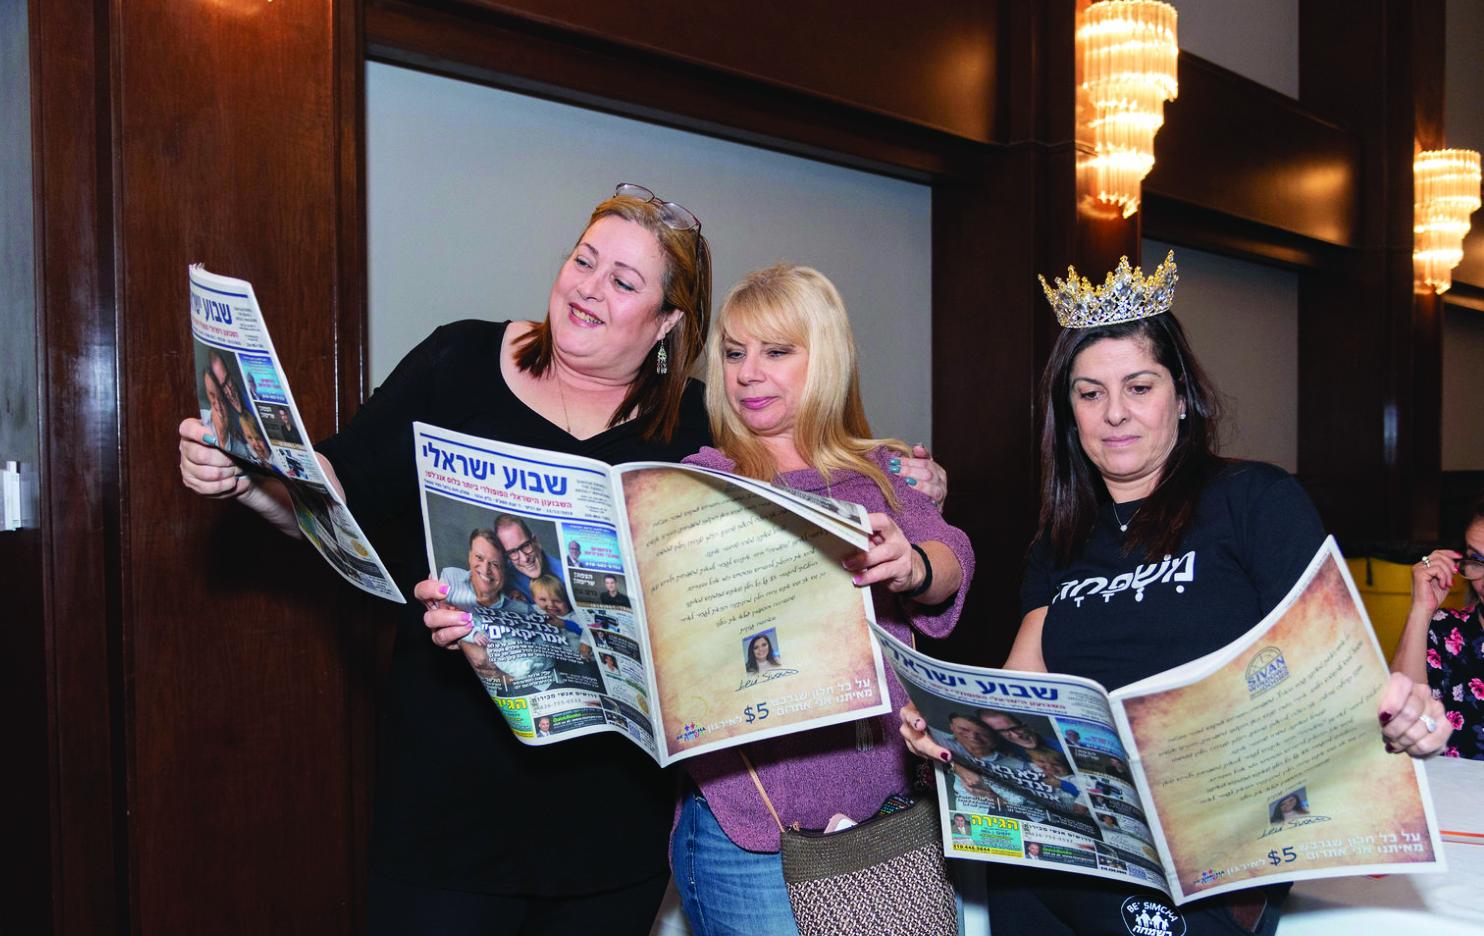 בנפט מעגל הנשים בלוס אנגלס: משפחה, שמחה ואהבה - שבוע ישראלי KK-87